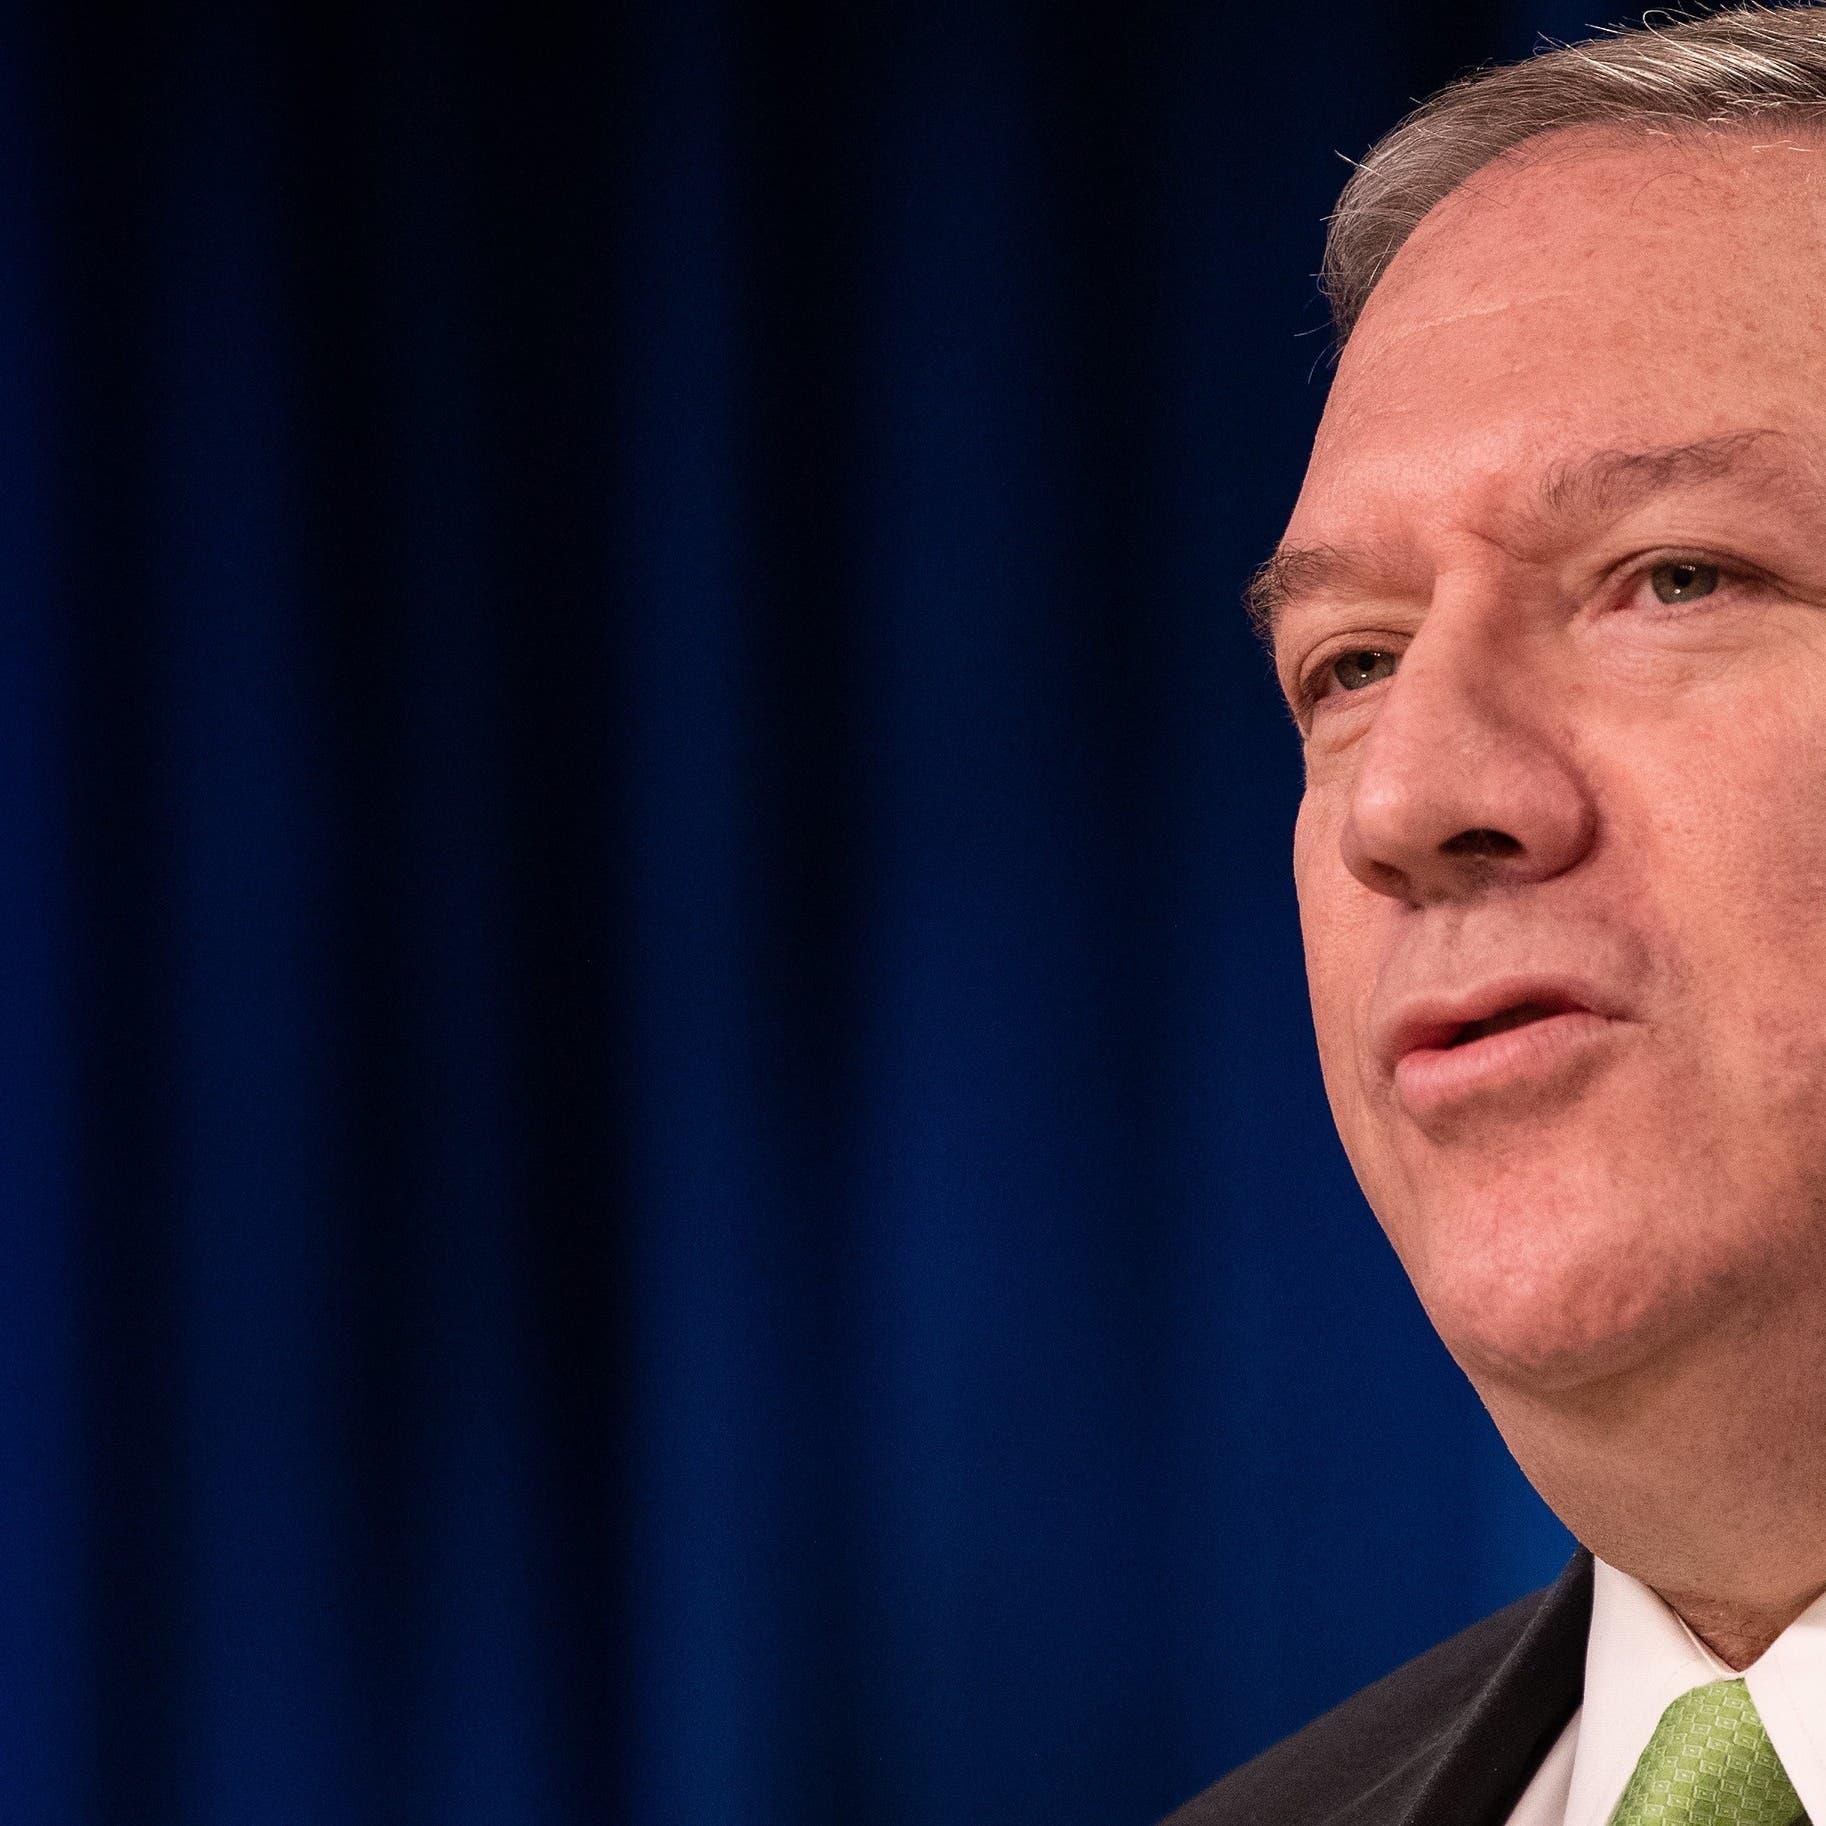 بومبيو يعلن عن بدء عملية الانتقال في وزارة الخارجية الأميركية